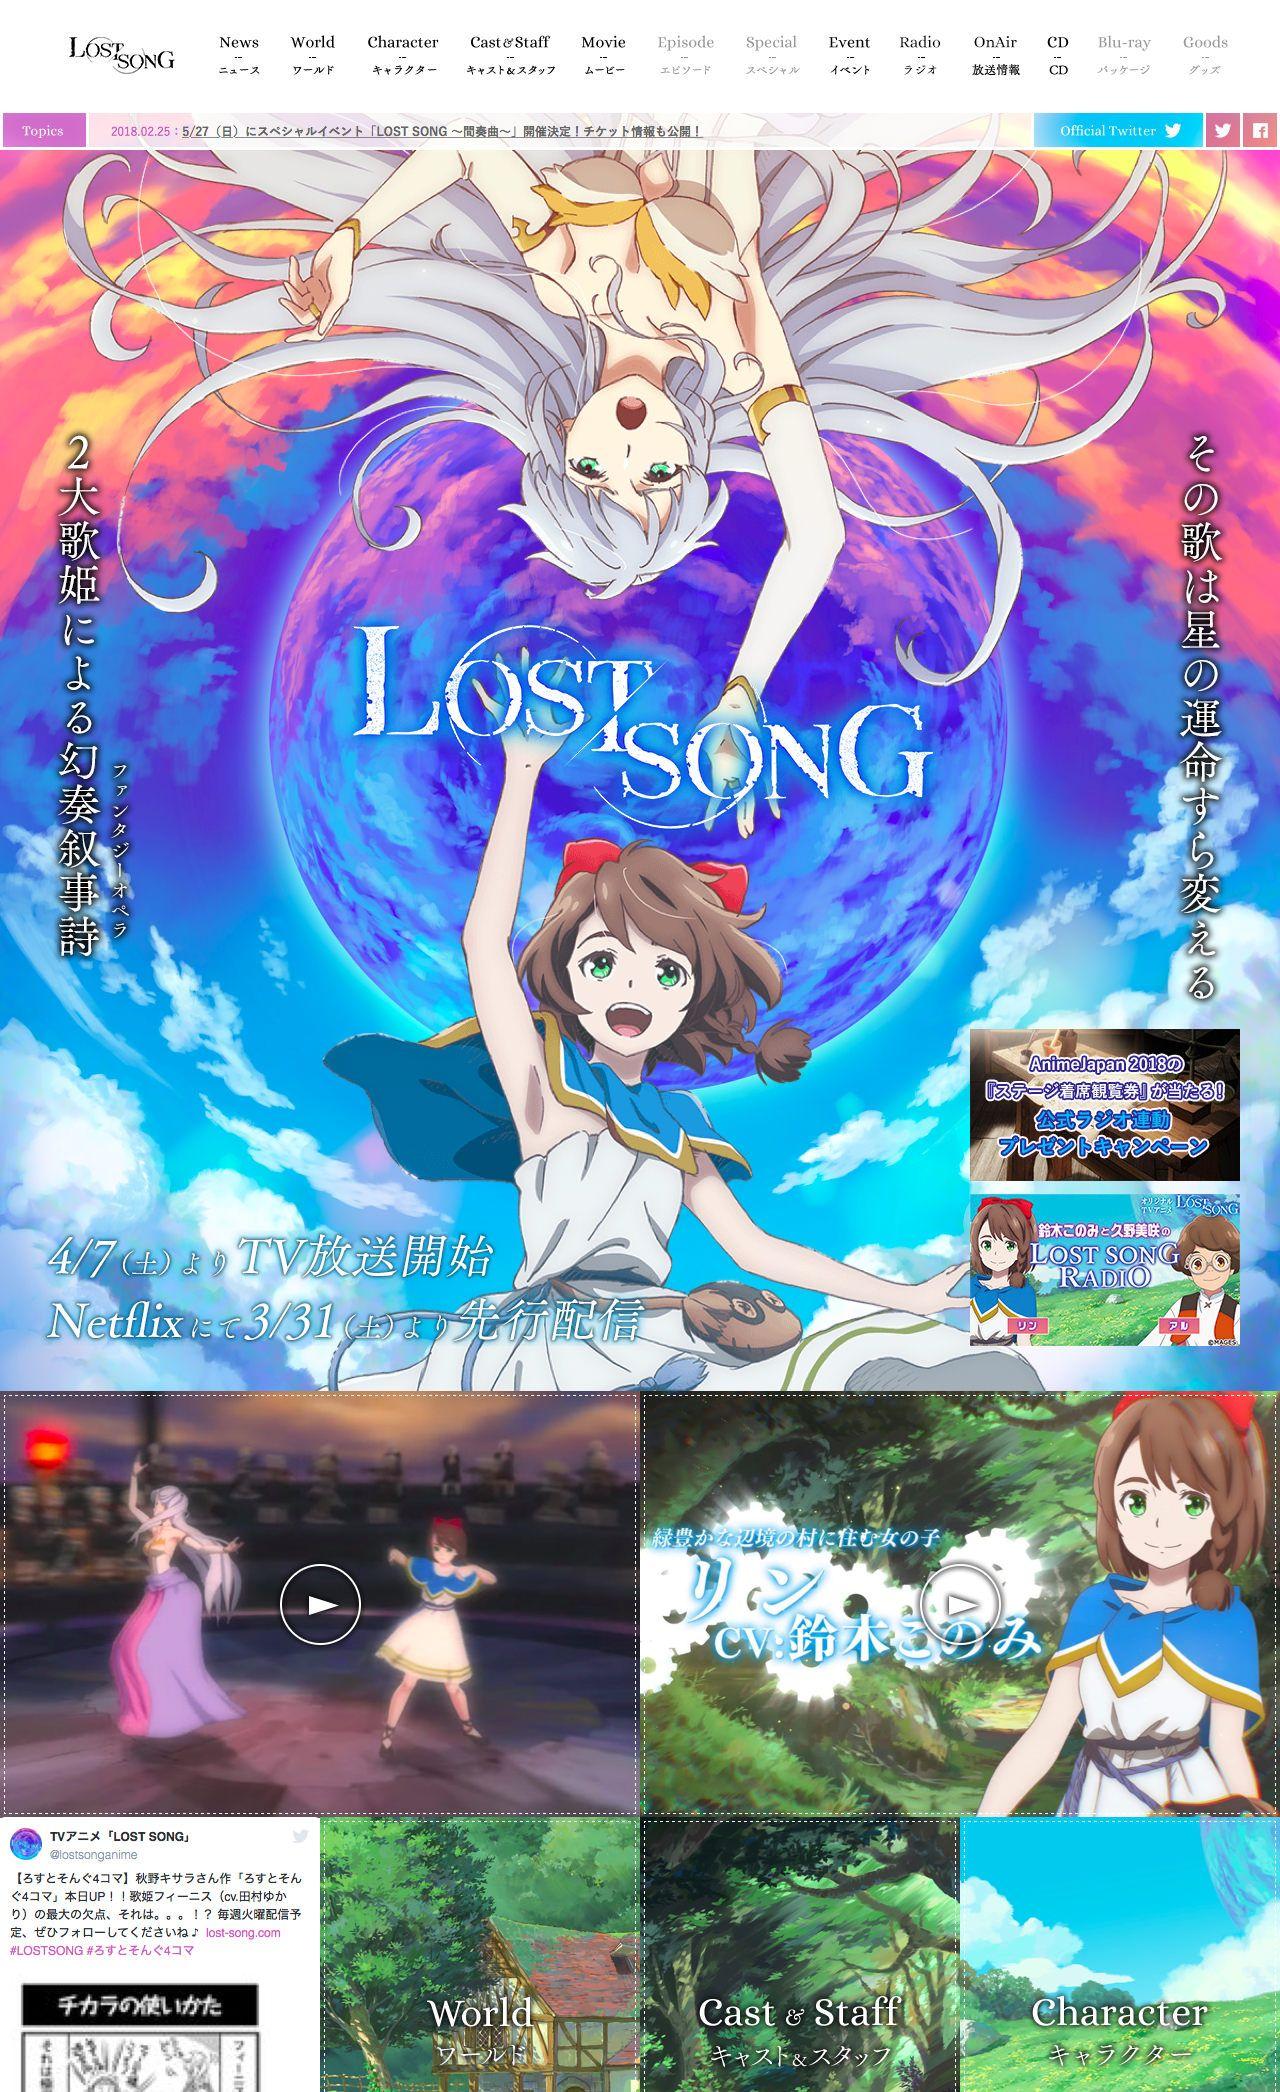 白银出生 lost song anime websites anime